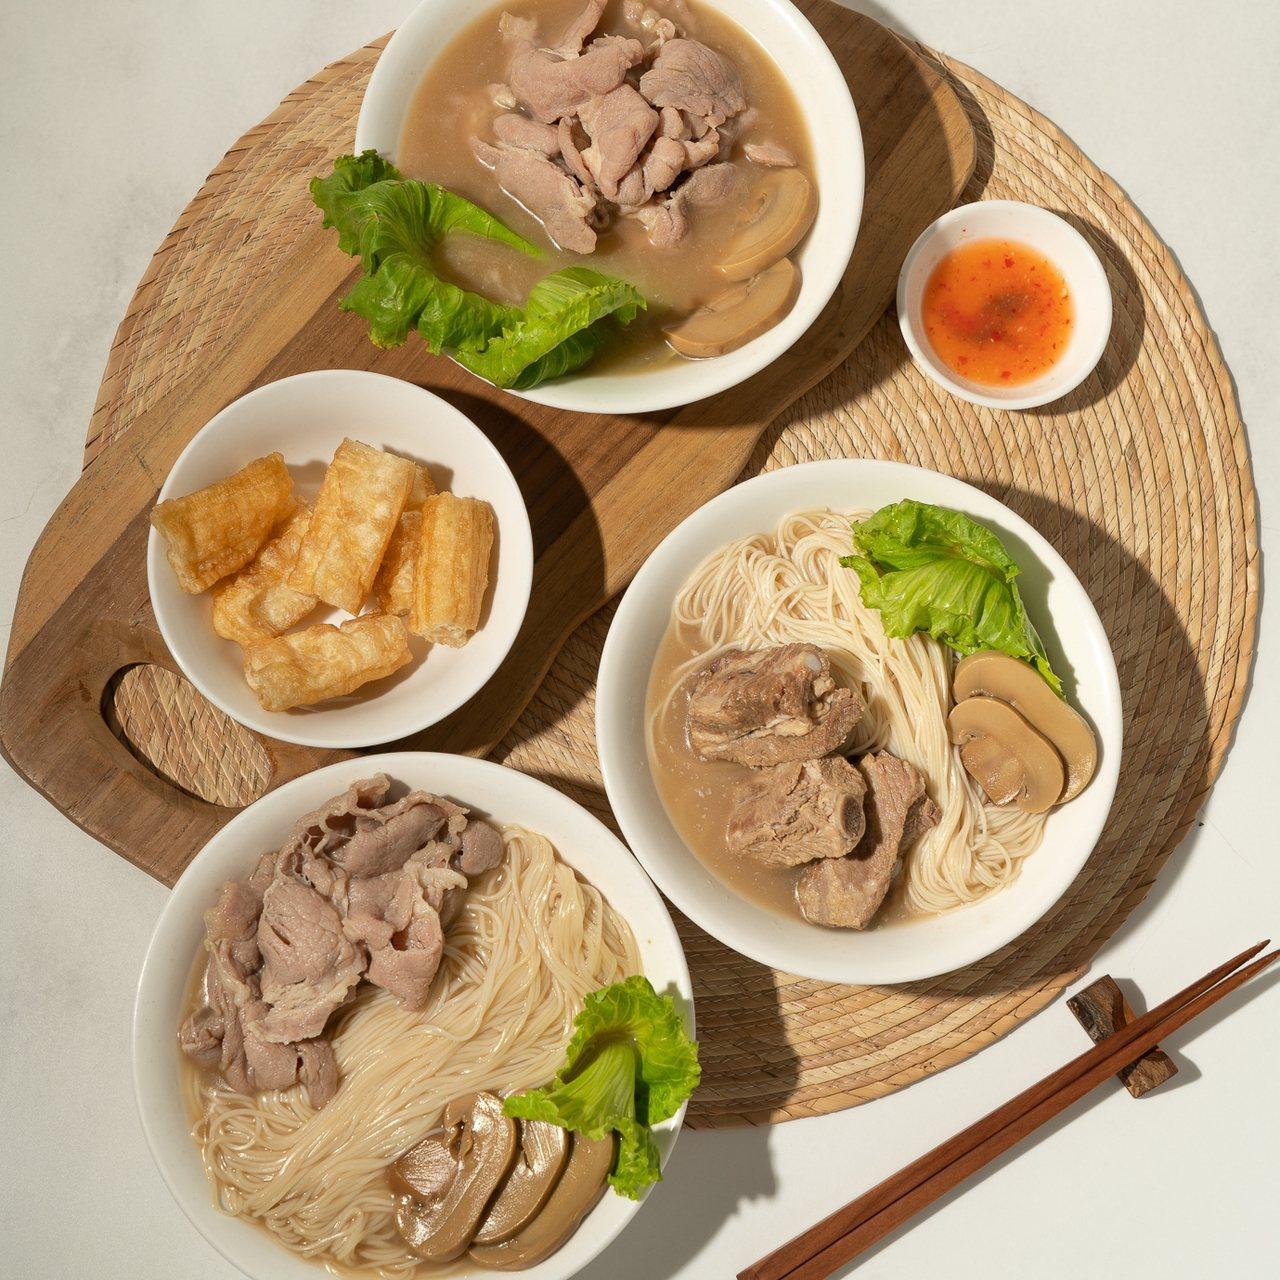 黃亞細新推出鮮灼肉片湯、鮮灼肉片湯麵線、經典肉骨湯麵線等新品,單品160~255...